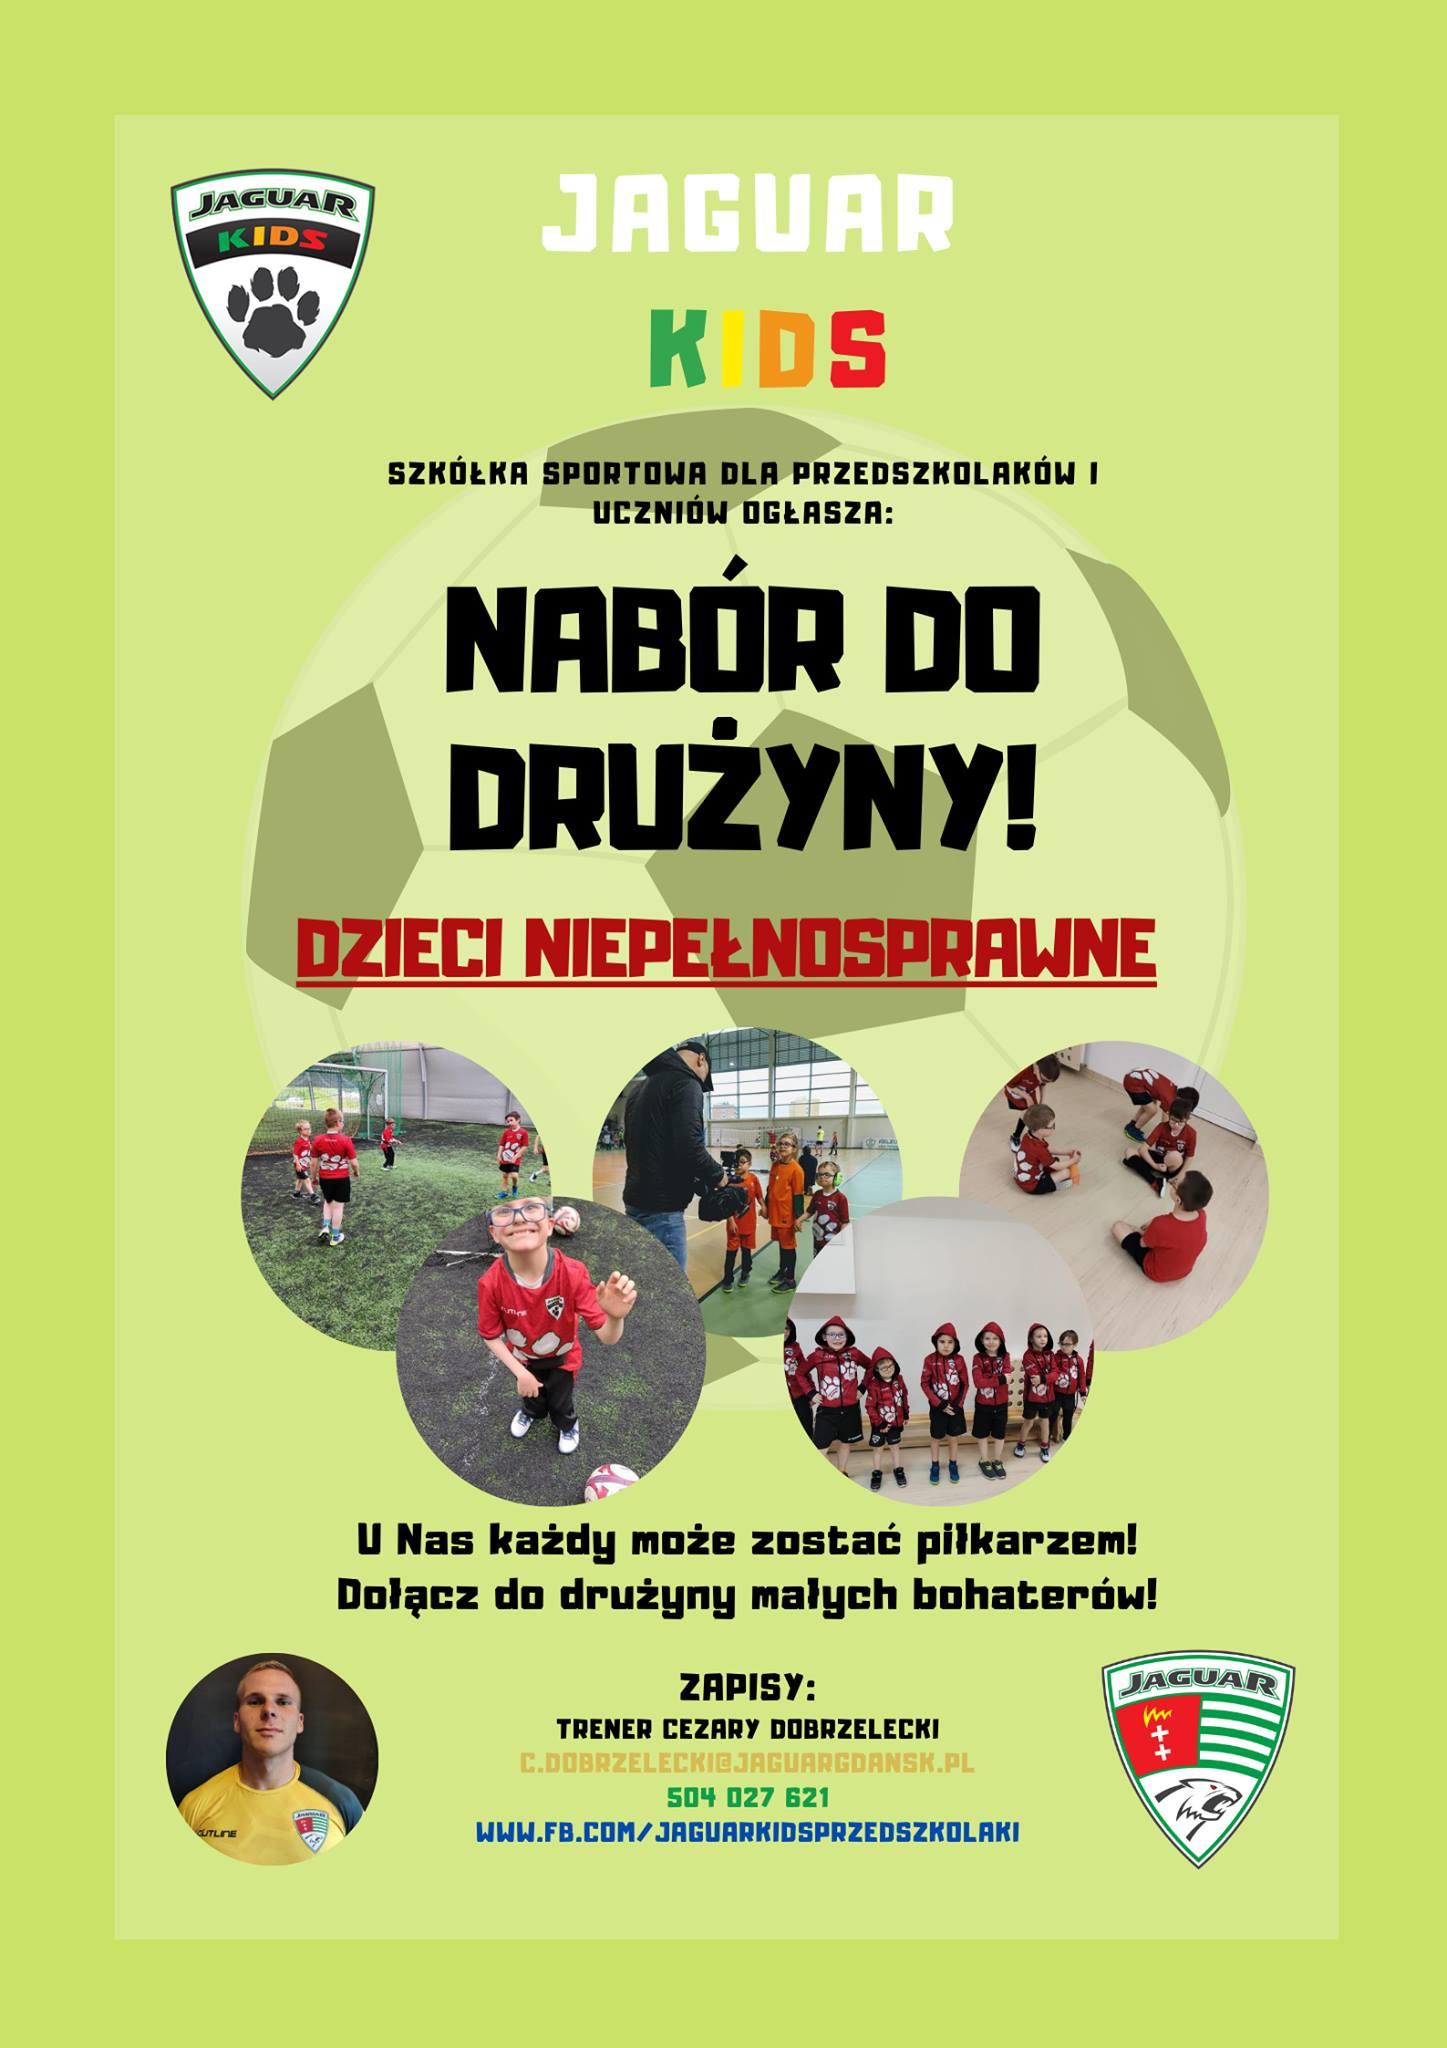 zajęcia sportowe dla dzieci niepełnosprawnych w Gdańsku